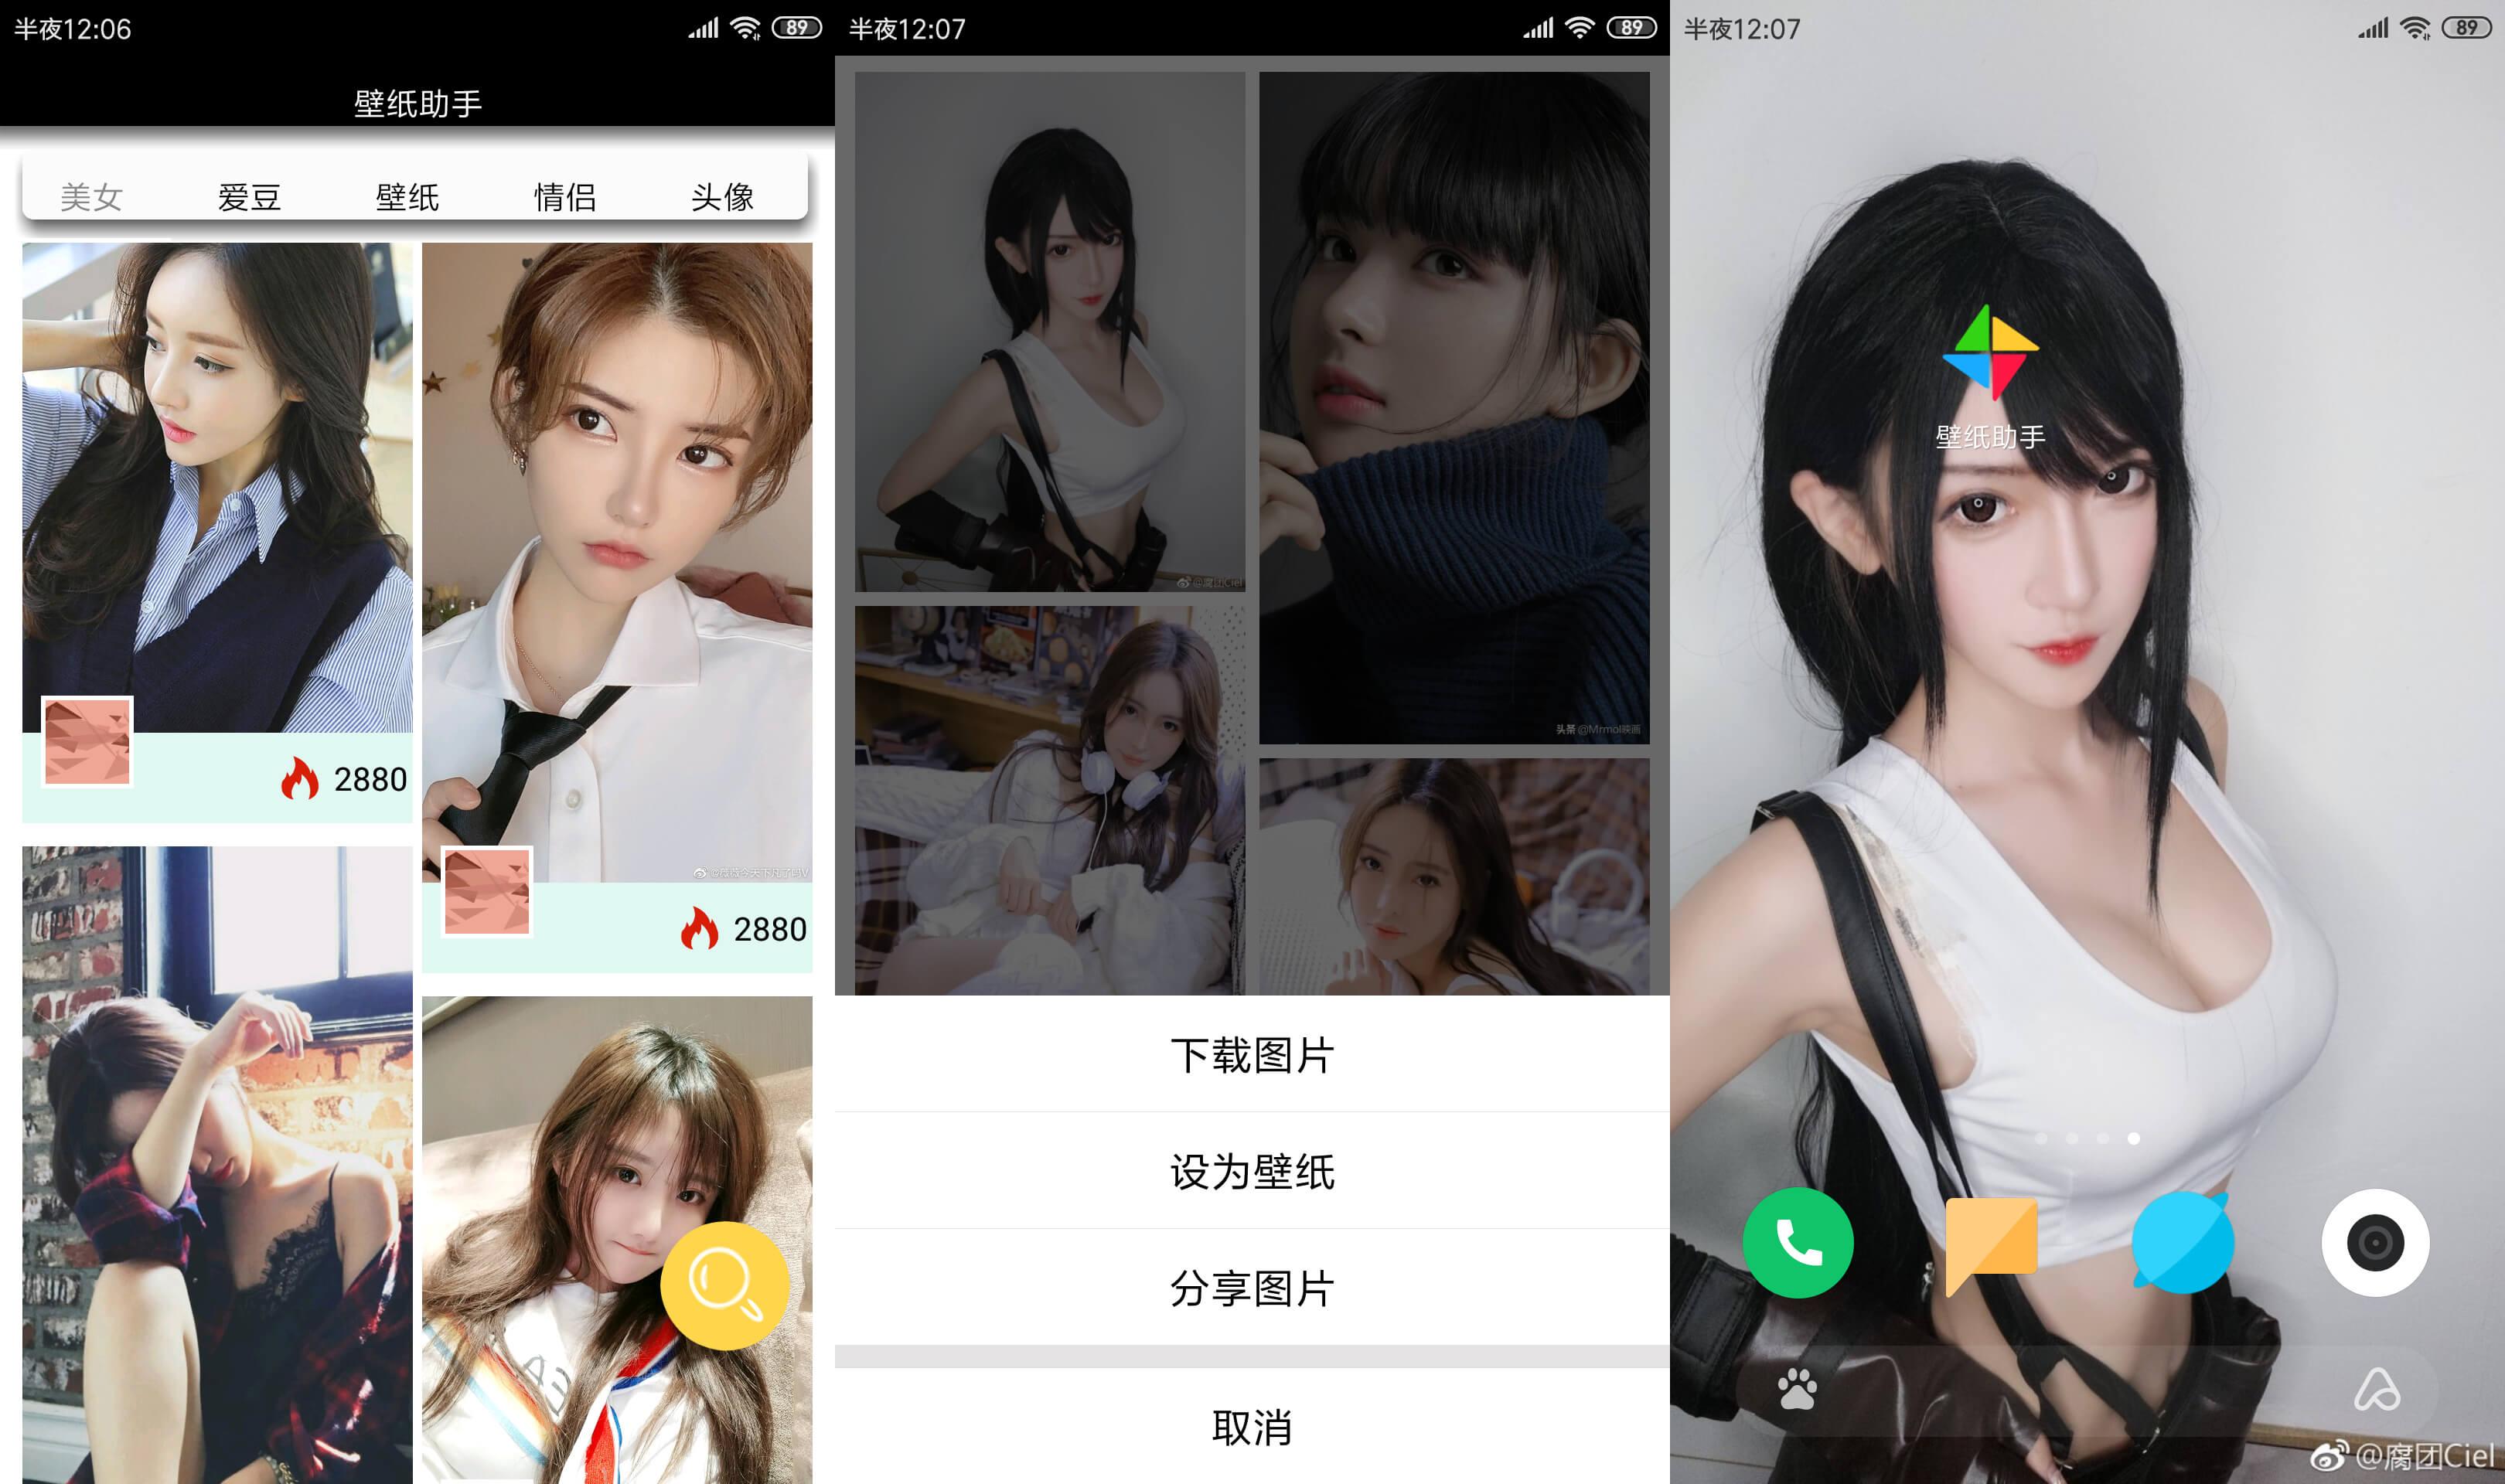 超多头像灵魂表情包壁纸App支持一键搜索下载